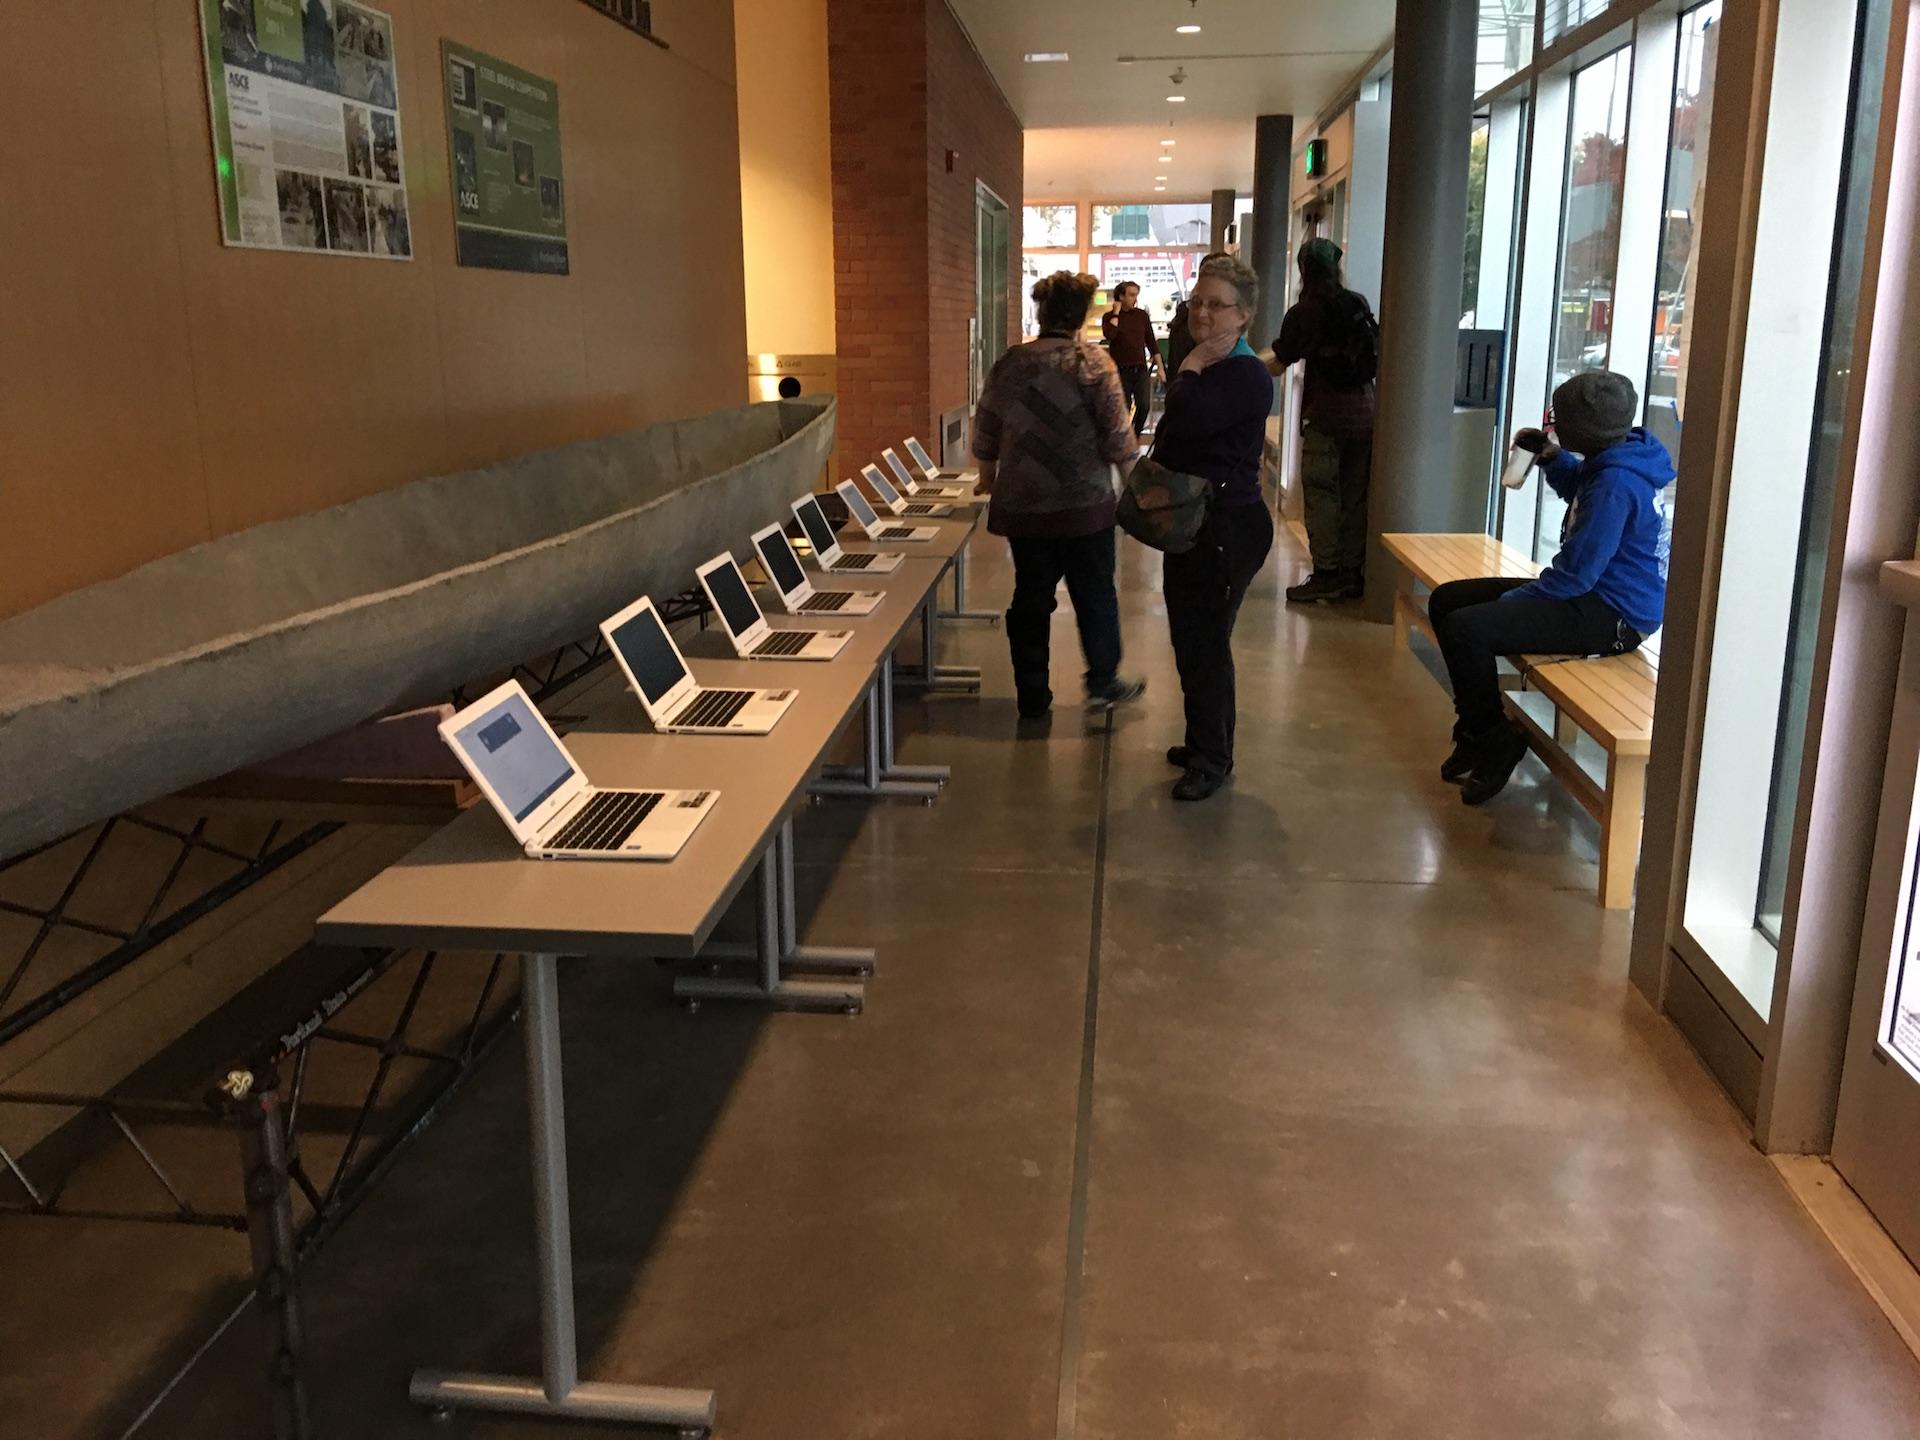 Chromebooks for registration